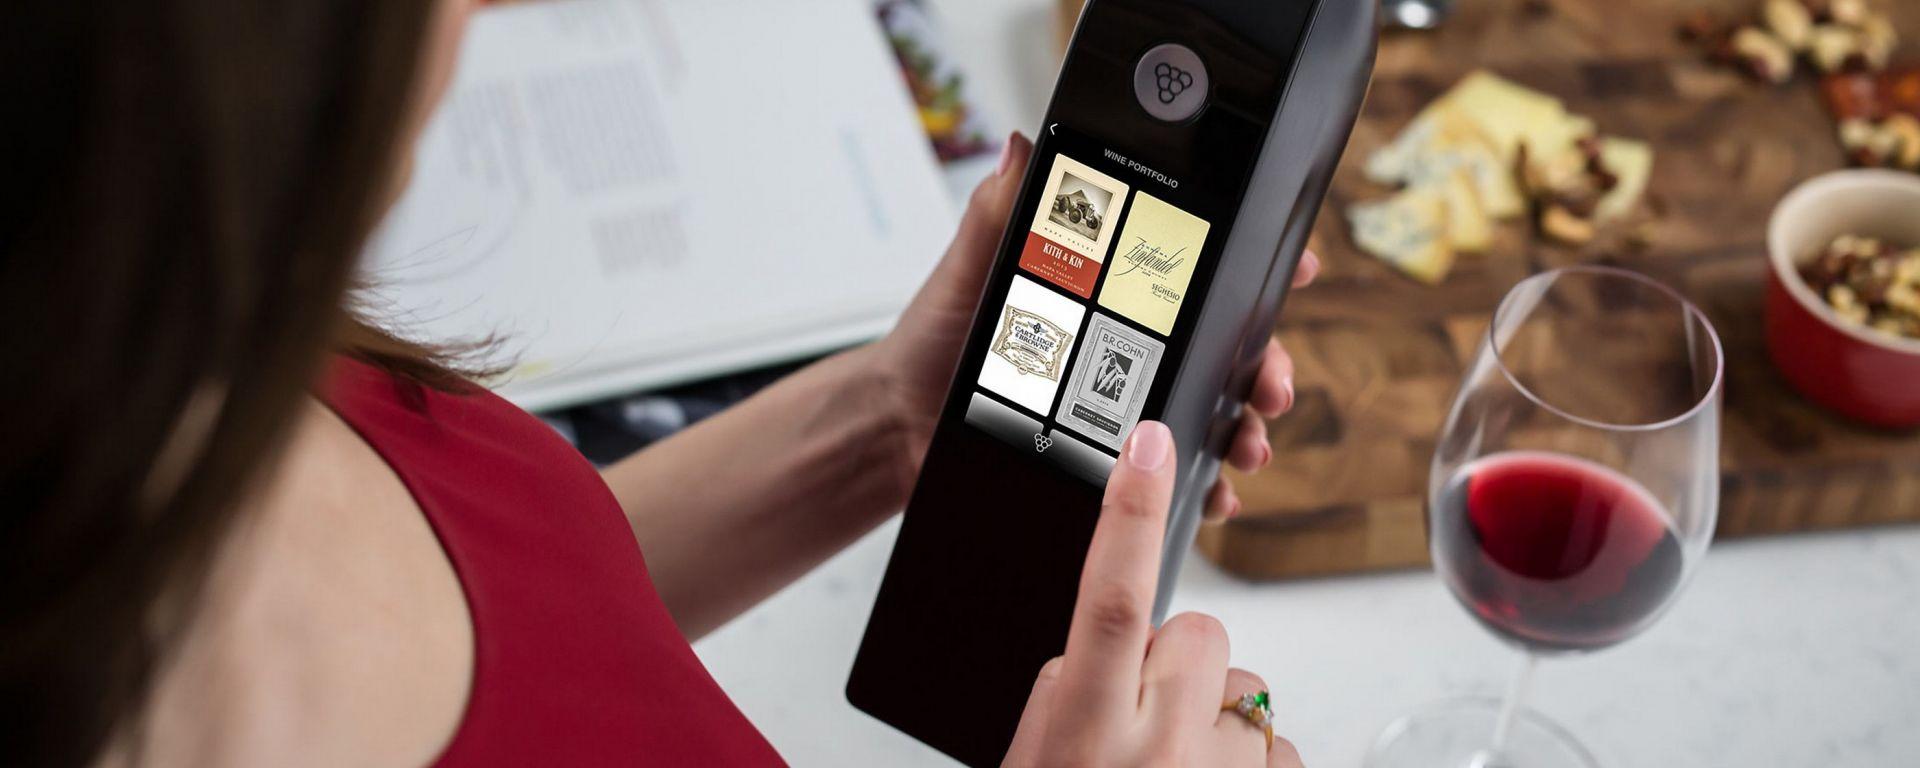 Kuvée IoT: la bottiglia di nuova generazione